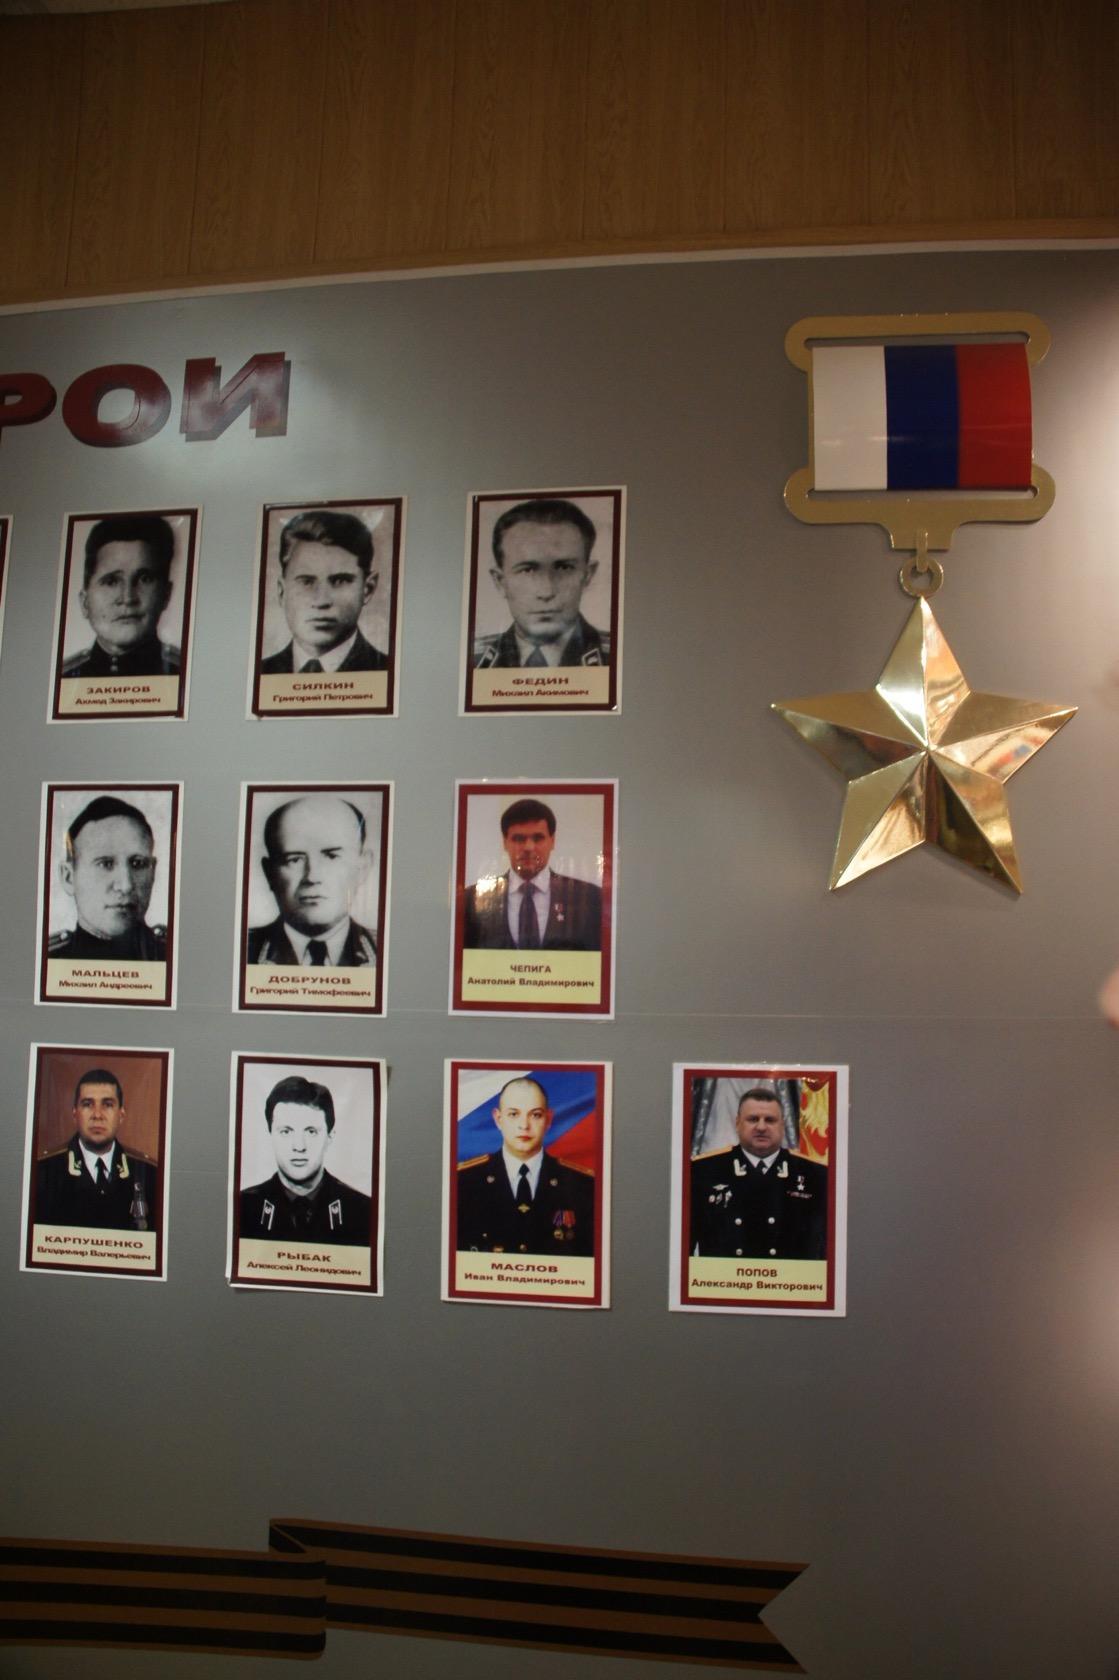 Екс-голова служби безпеки Януковича Кобзар просить допитати його щодо участі Чепіги-Боширова в подіях 2014 року - Цензор.НЕТ 3187